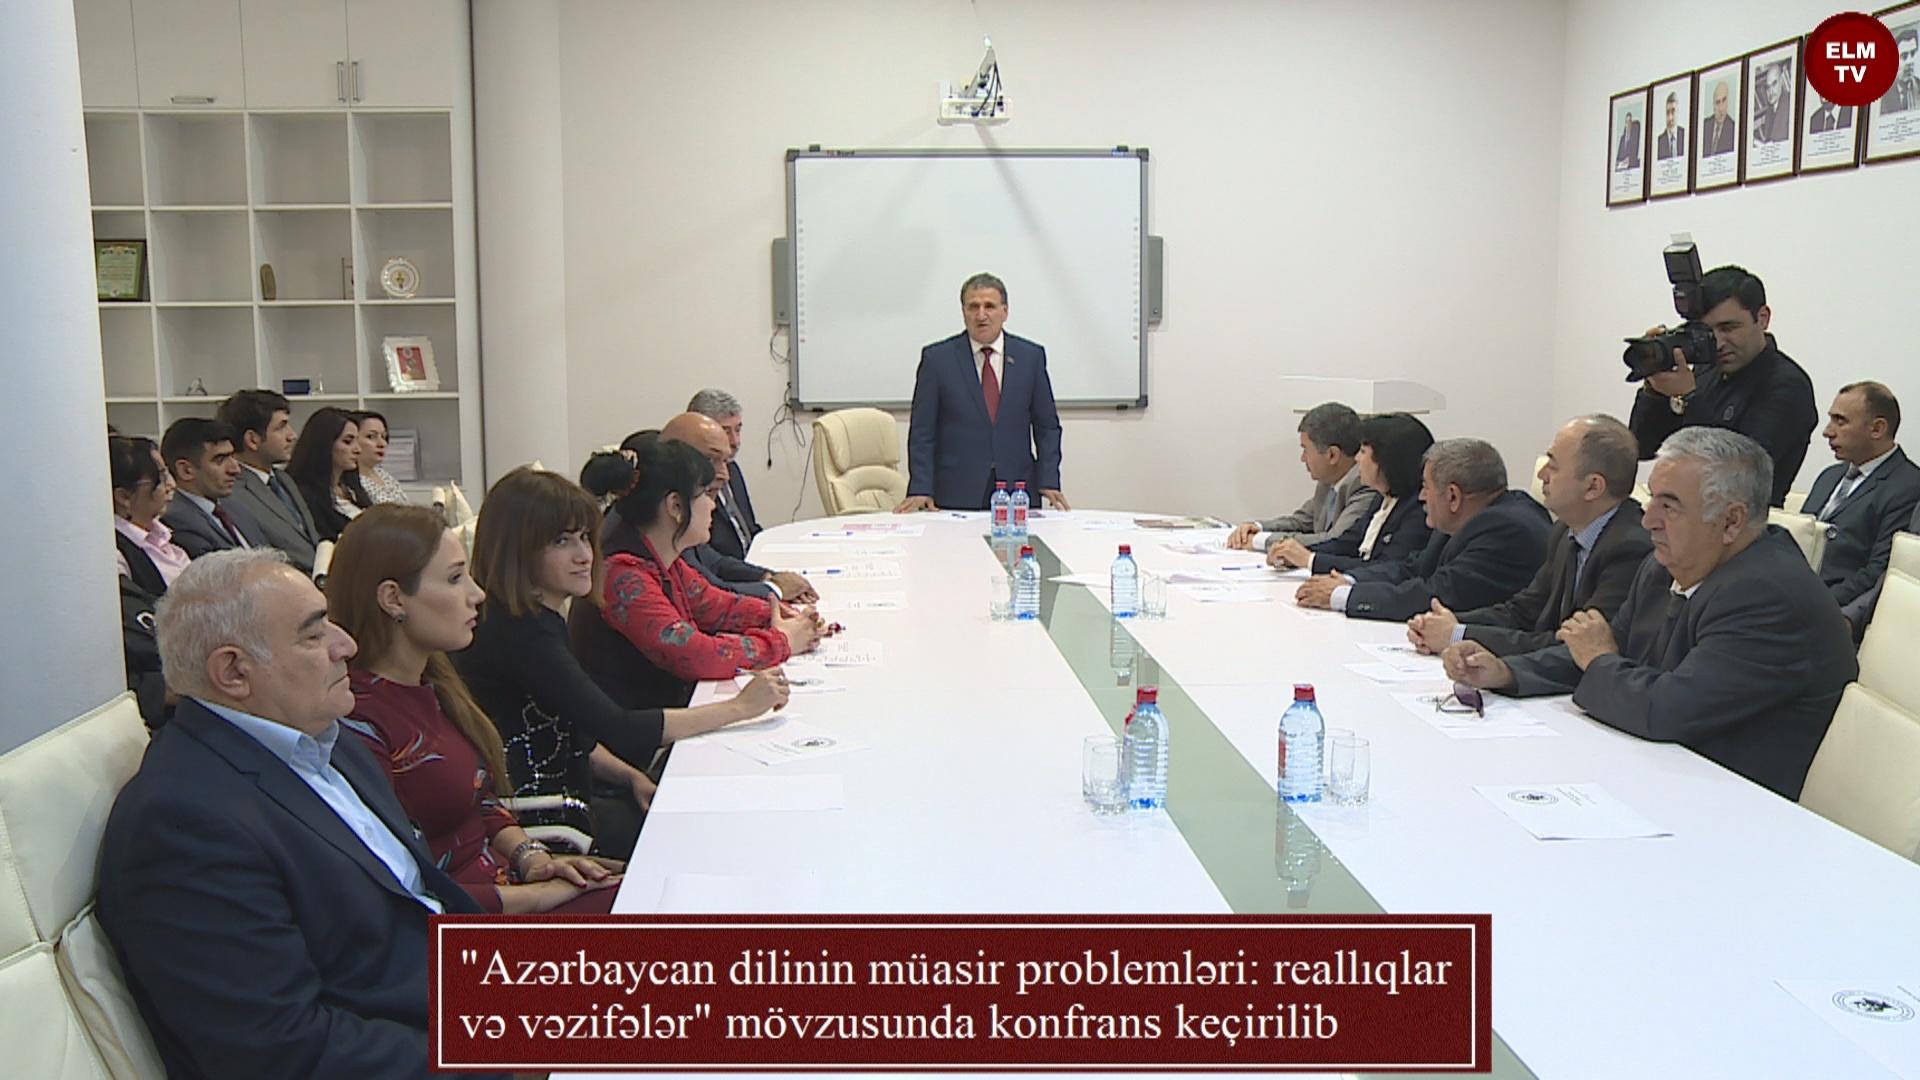 """""""Azərbaycan dilinin müasir problemləri: reallıqlar və vəzifələr"""" mövzusunda konfrans keçirilib"""